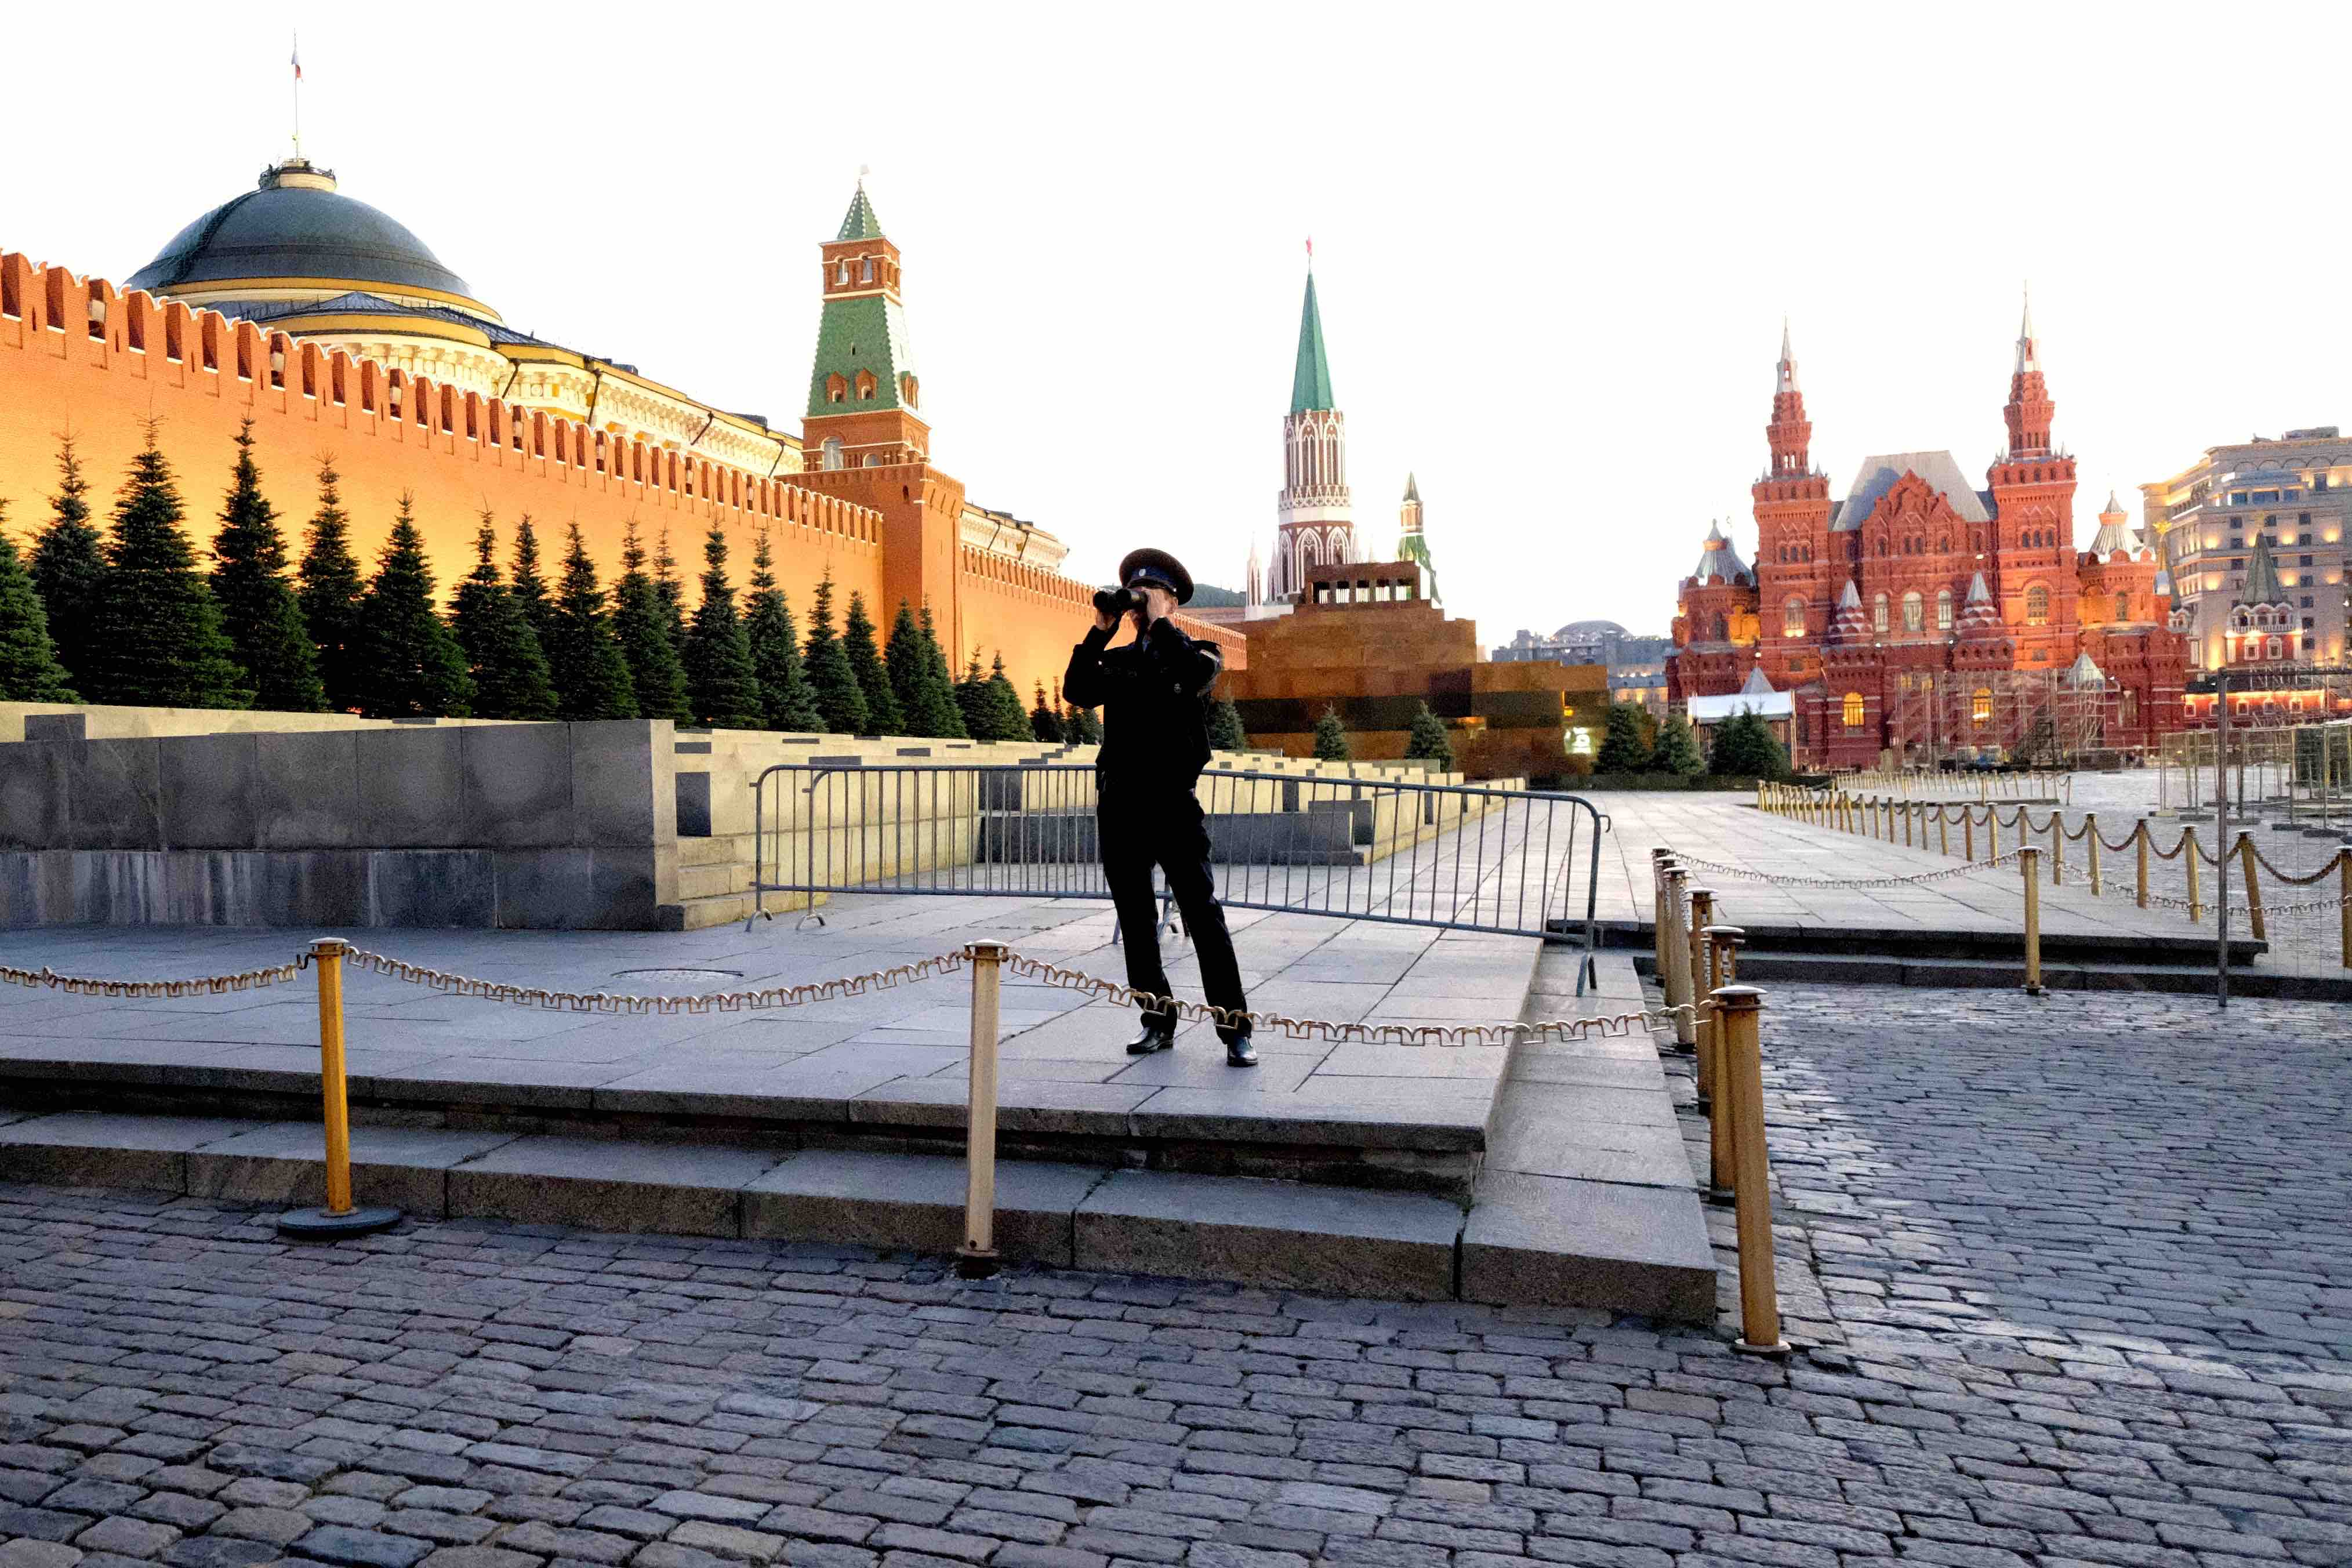 Mosca: cento anni di Rivoluzione e non sentirli